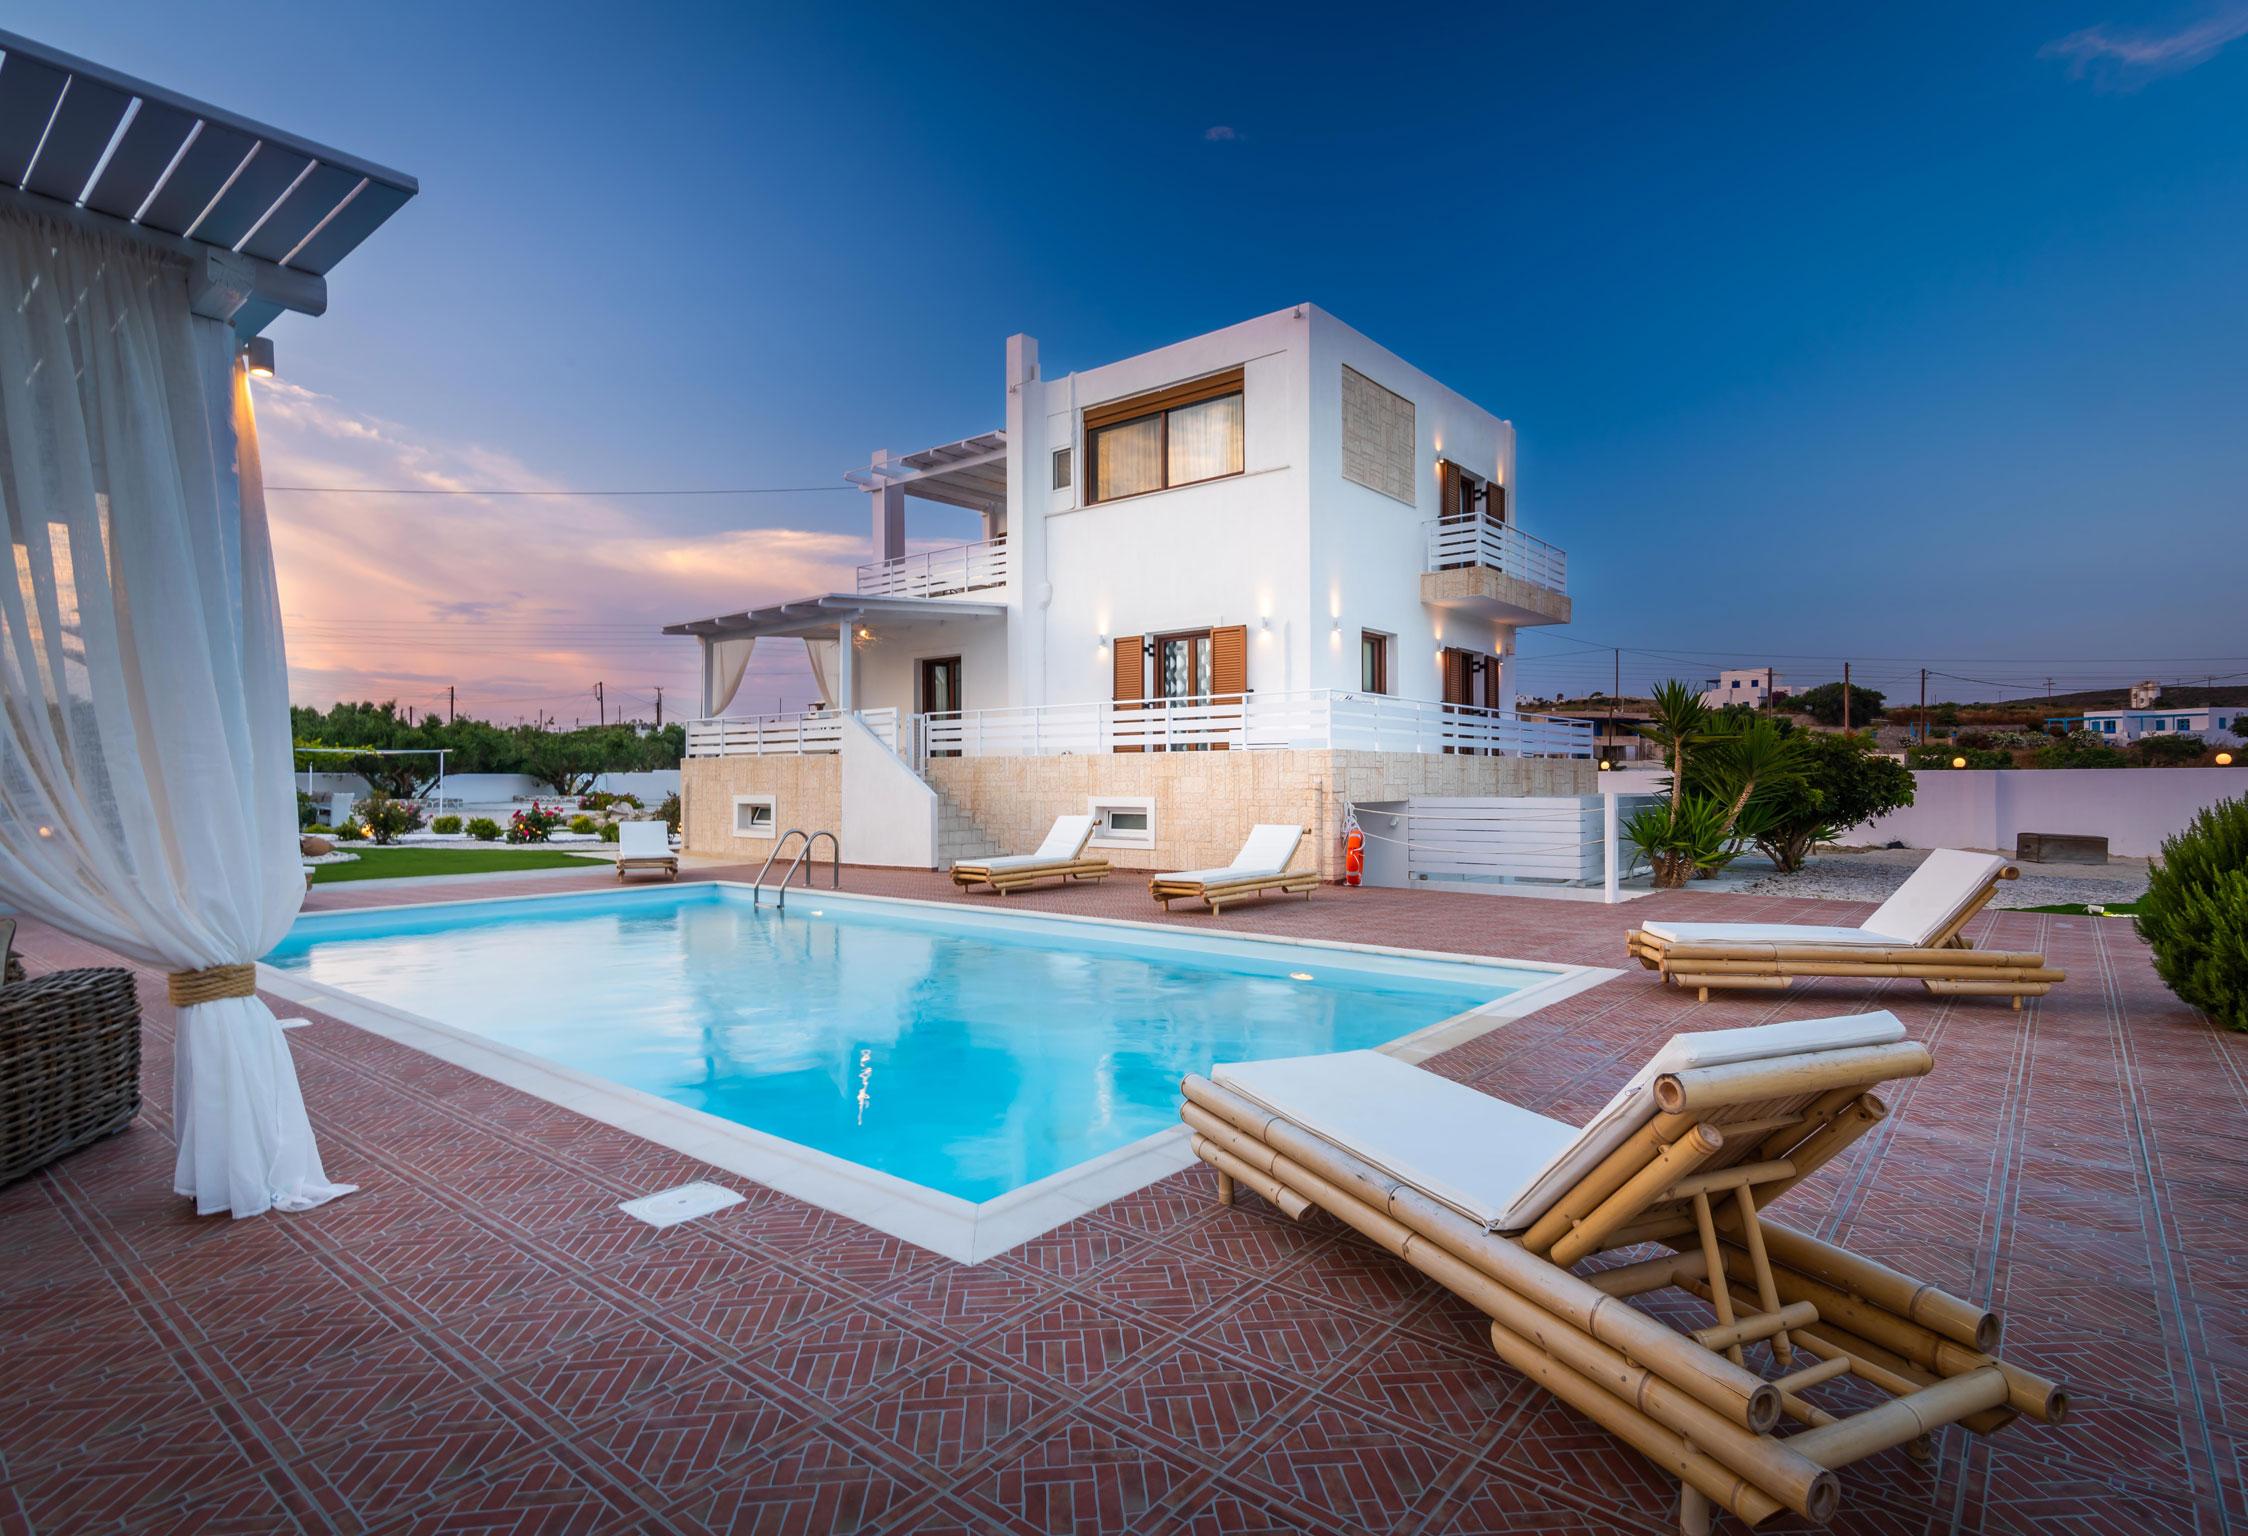 Milos Villa Samira jumbotron image